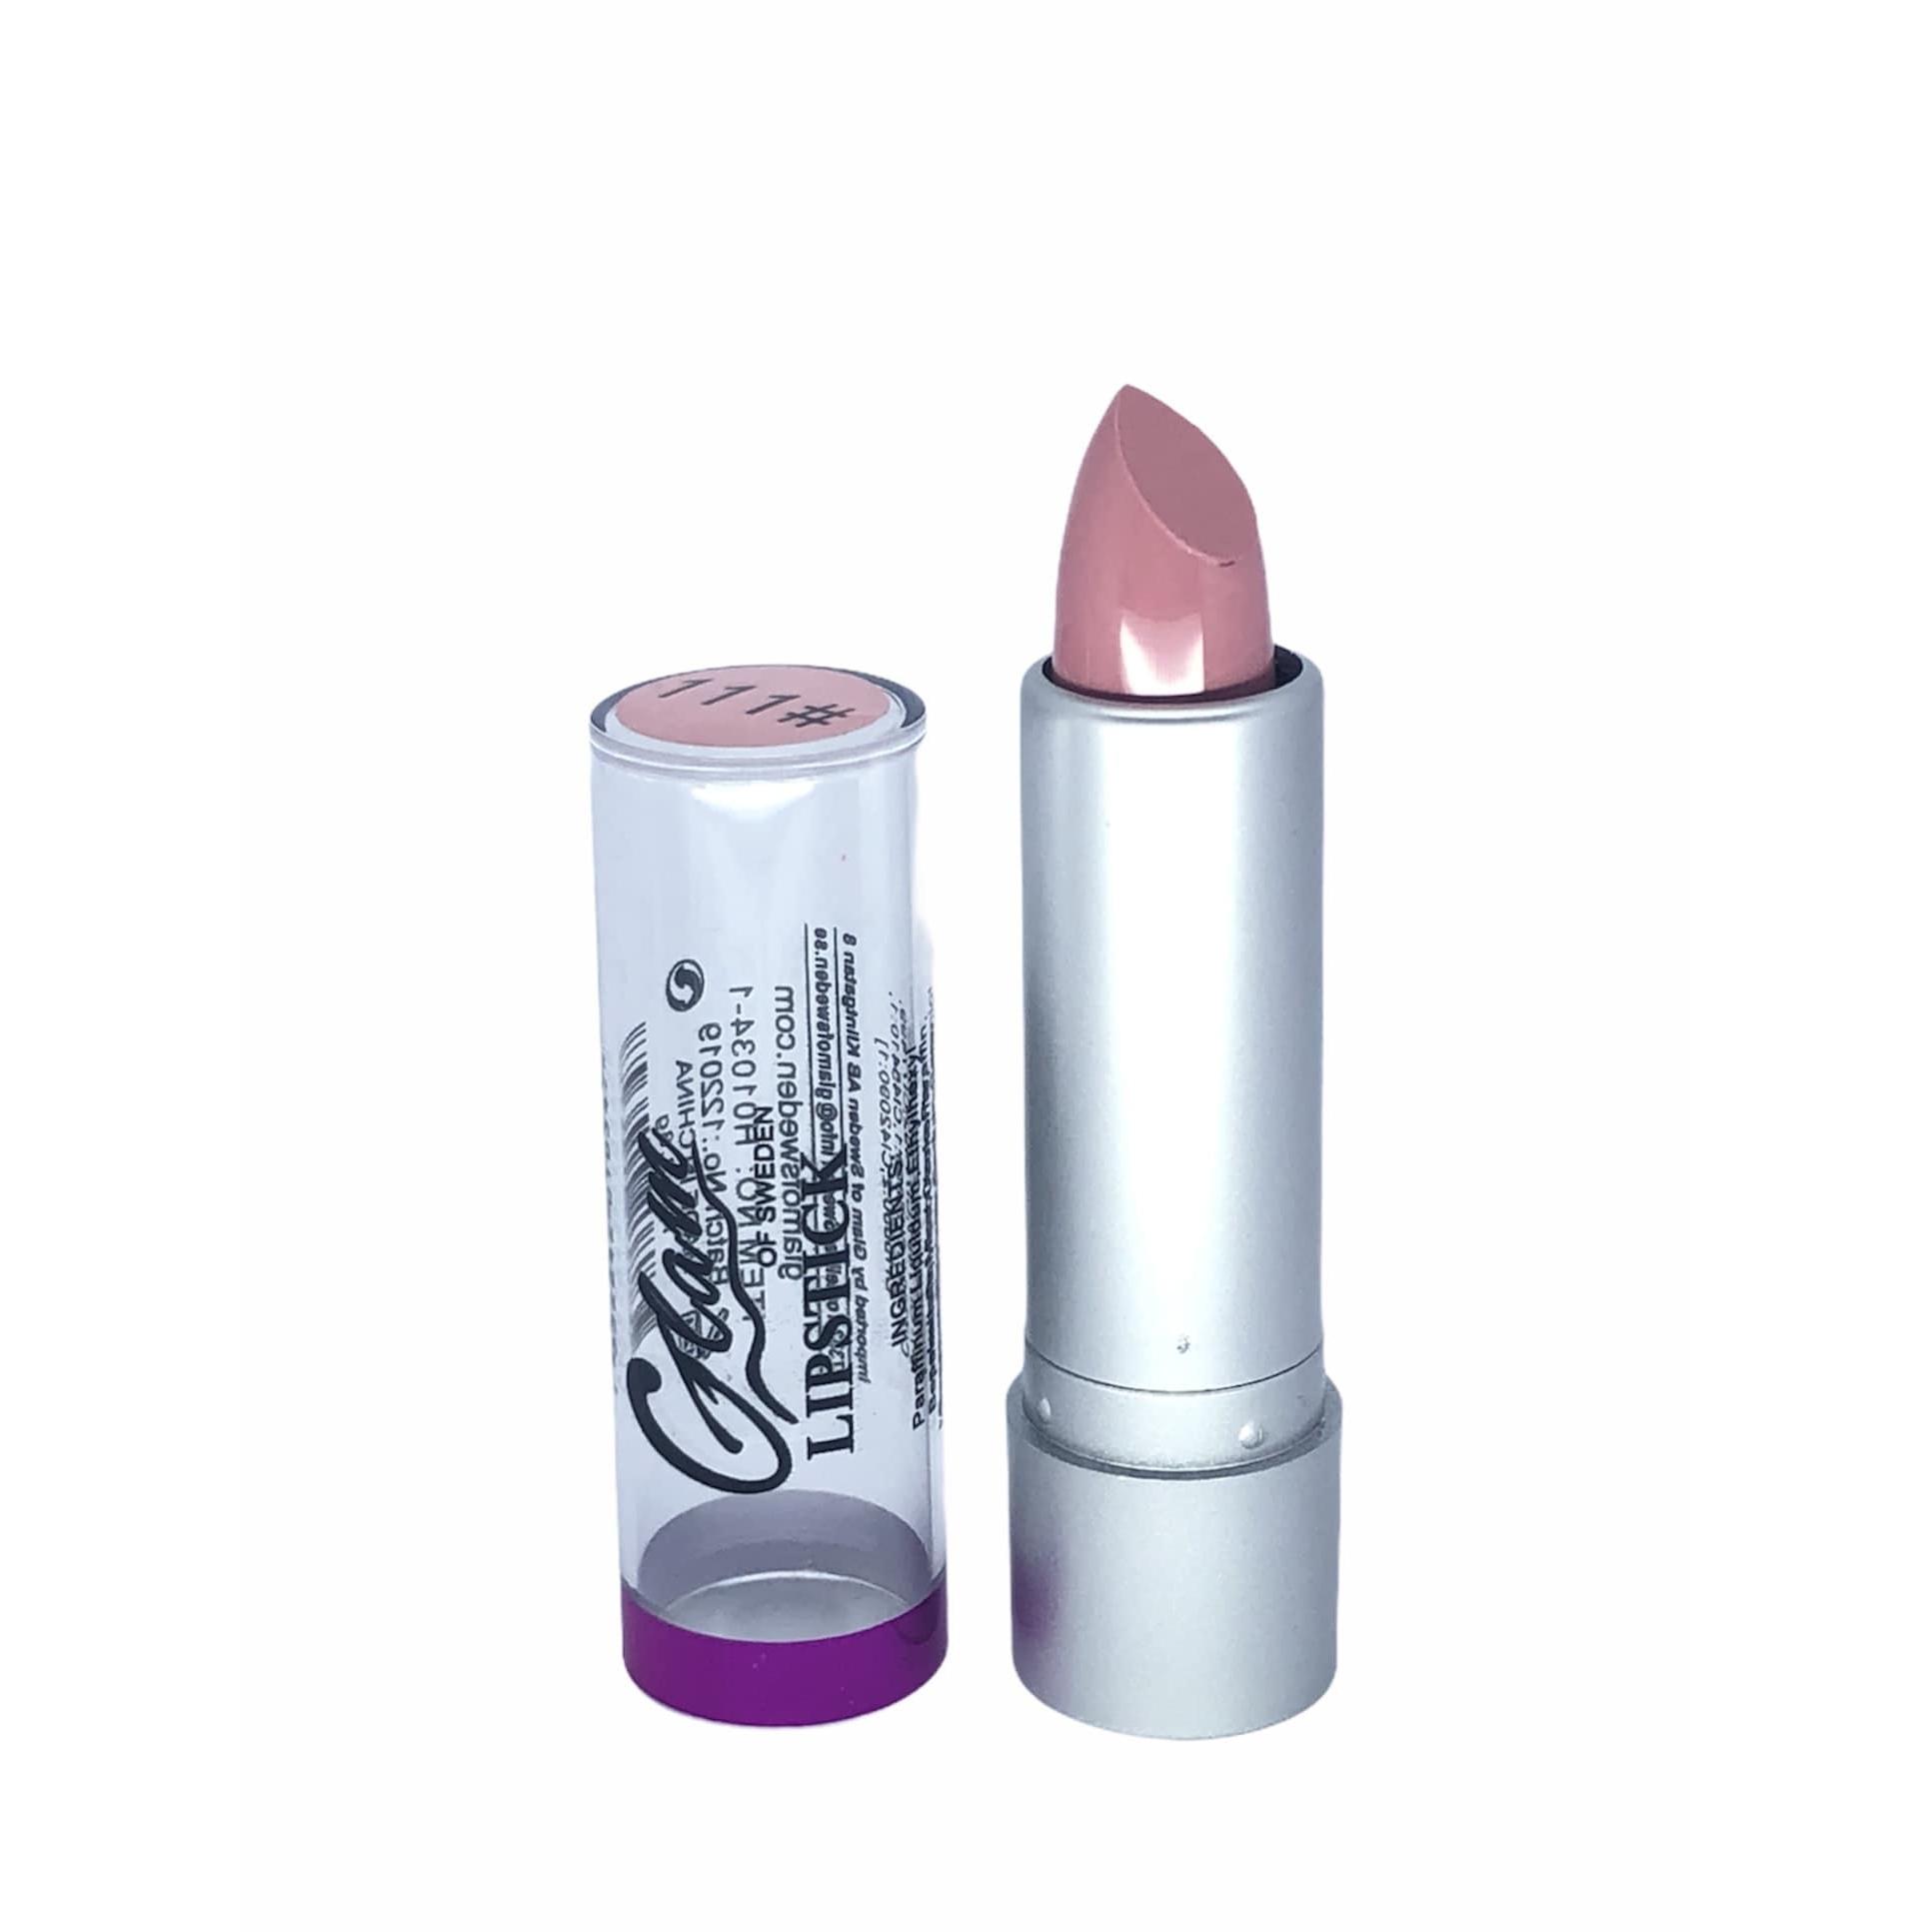 Glam Läppstift Silver 111 Dusty Pink 3,8 gr